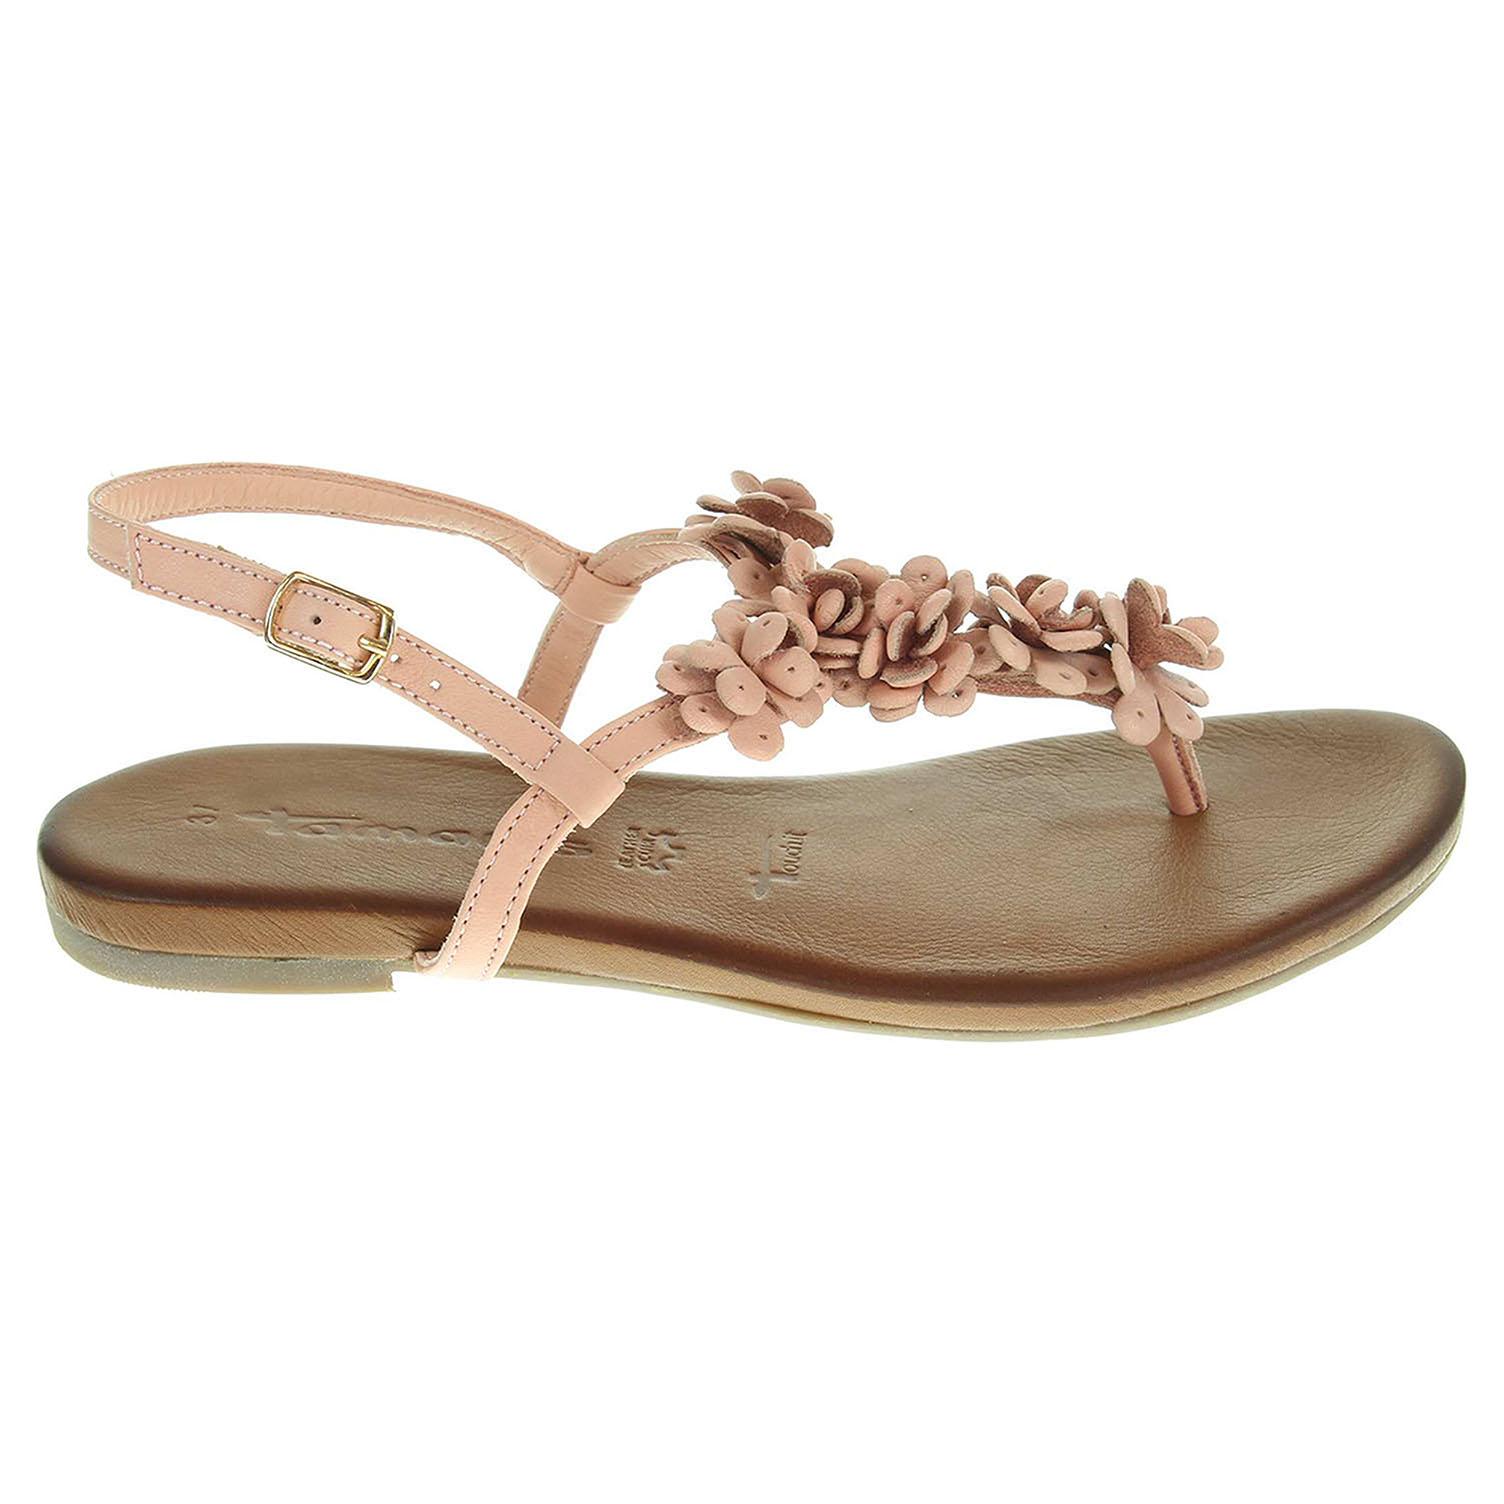 5fda59a96a detail Tamaris dámské sandály 1-28132-24 růžové